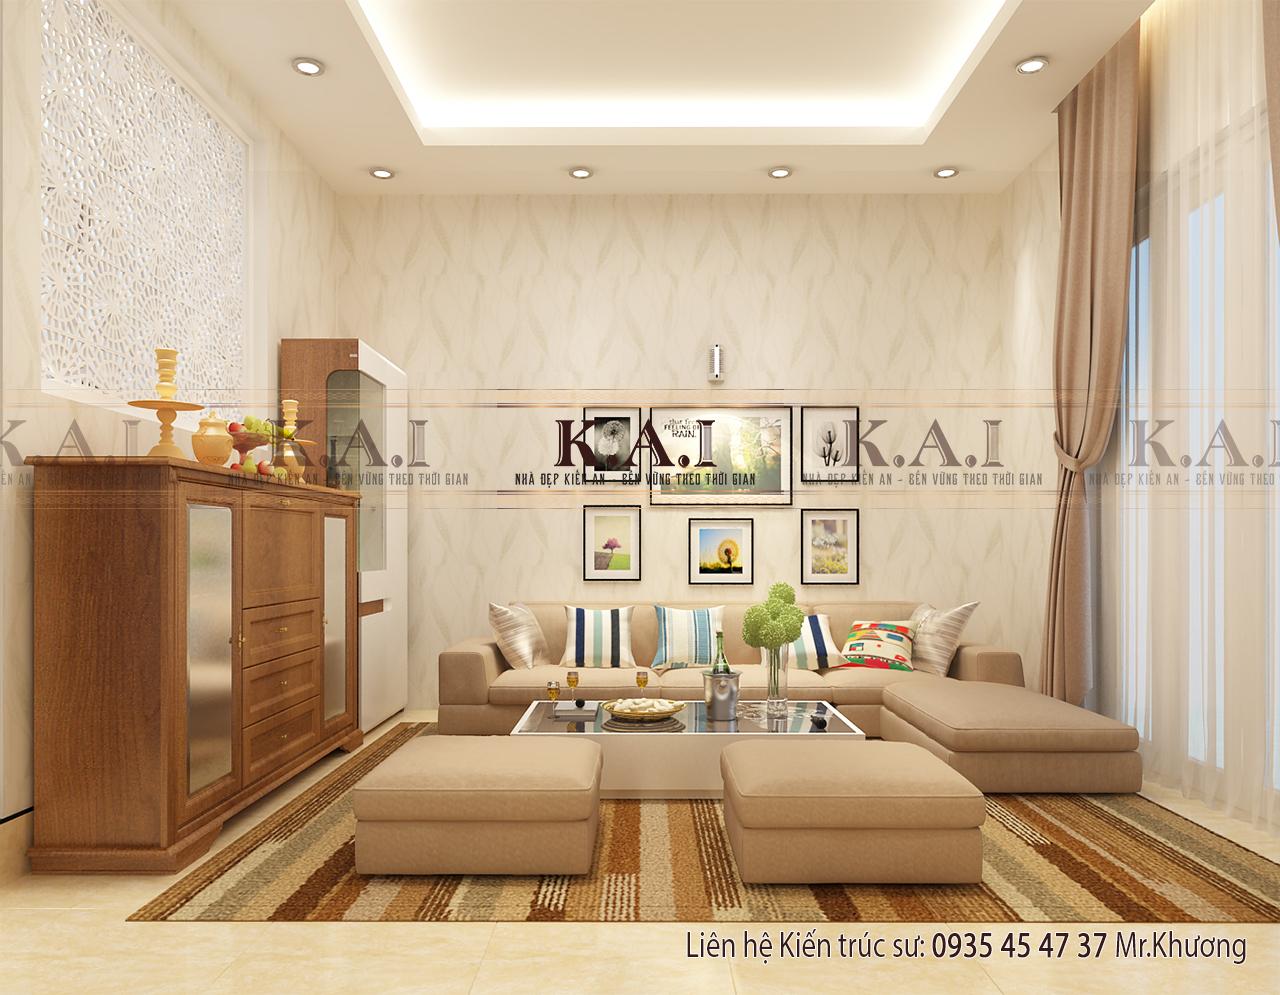 Thiết kế nội thất nhà phố tiết kiệm không gian